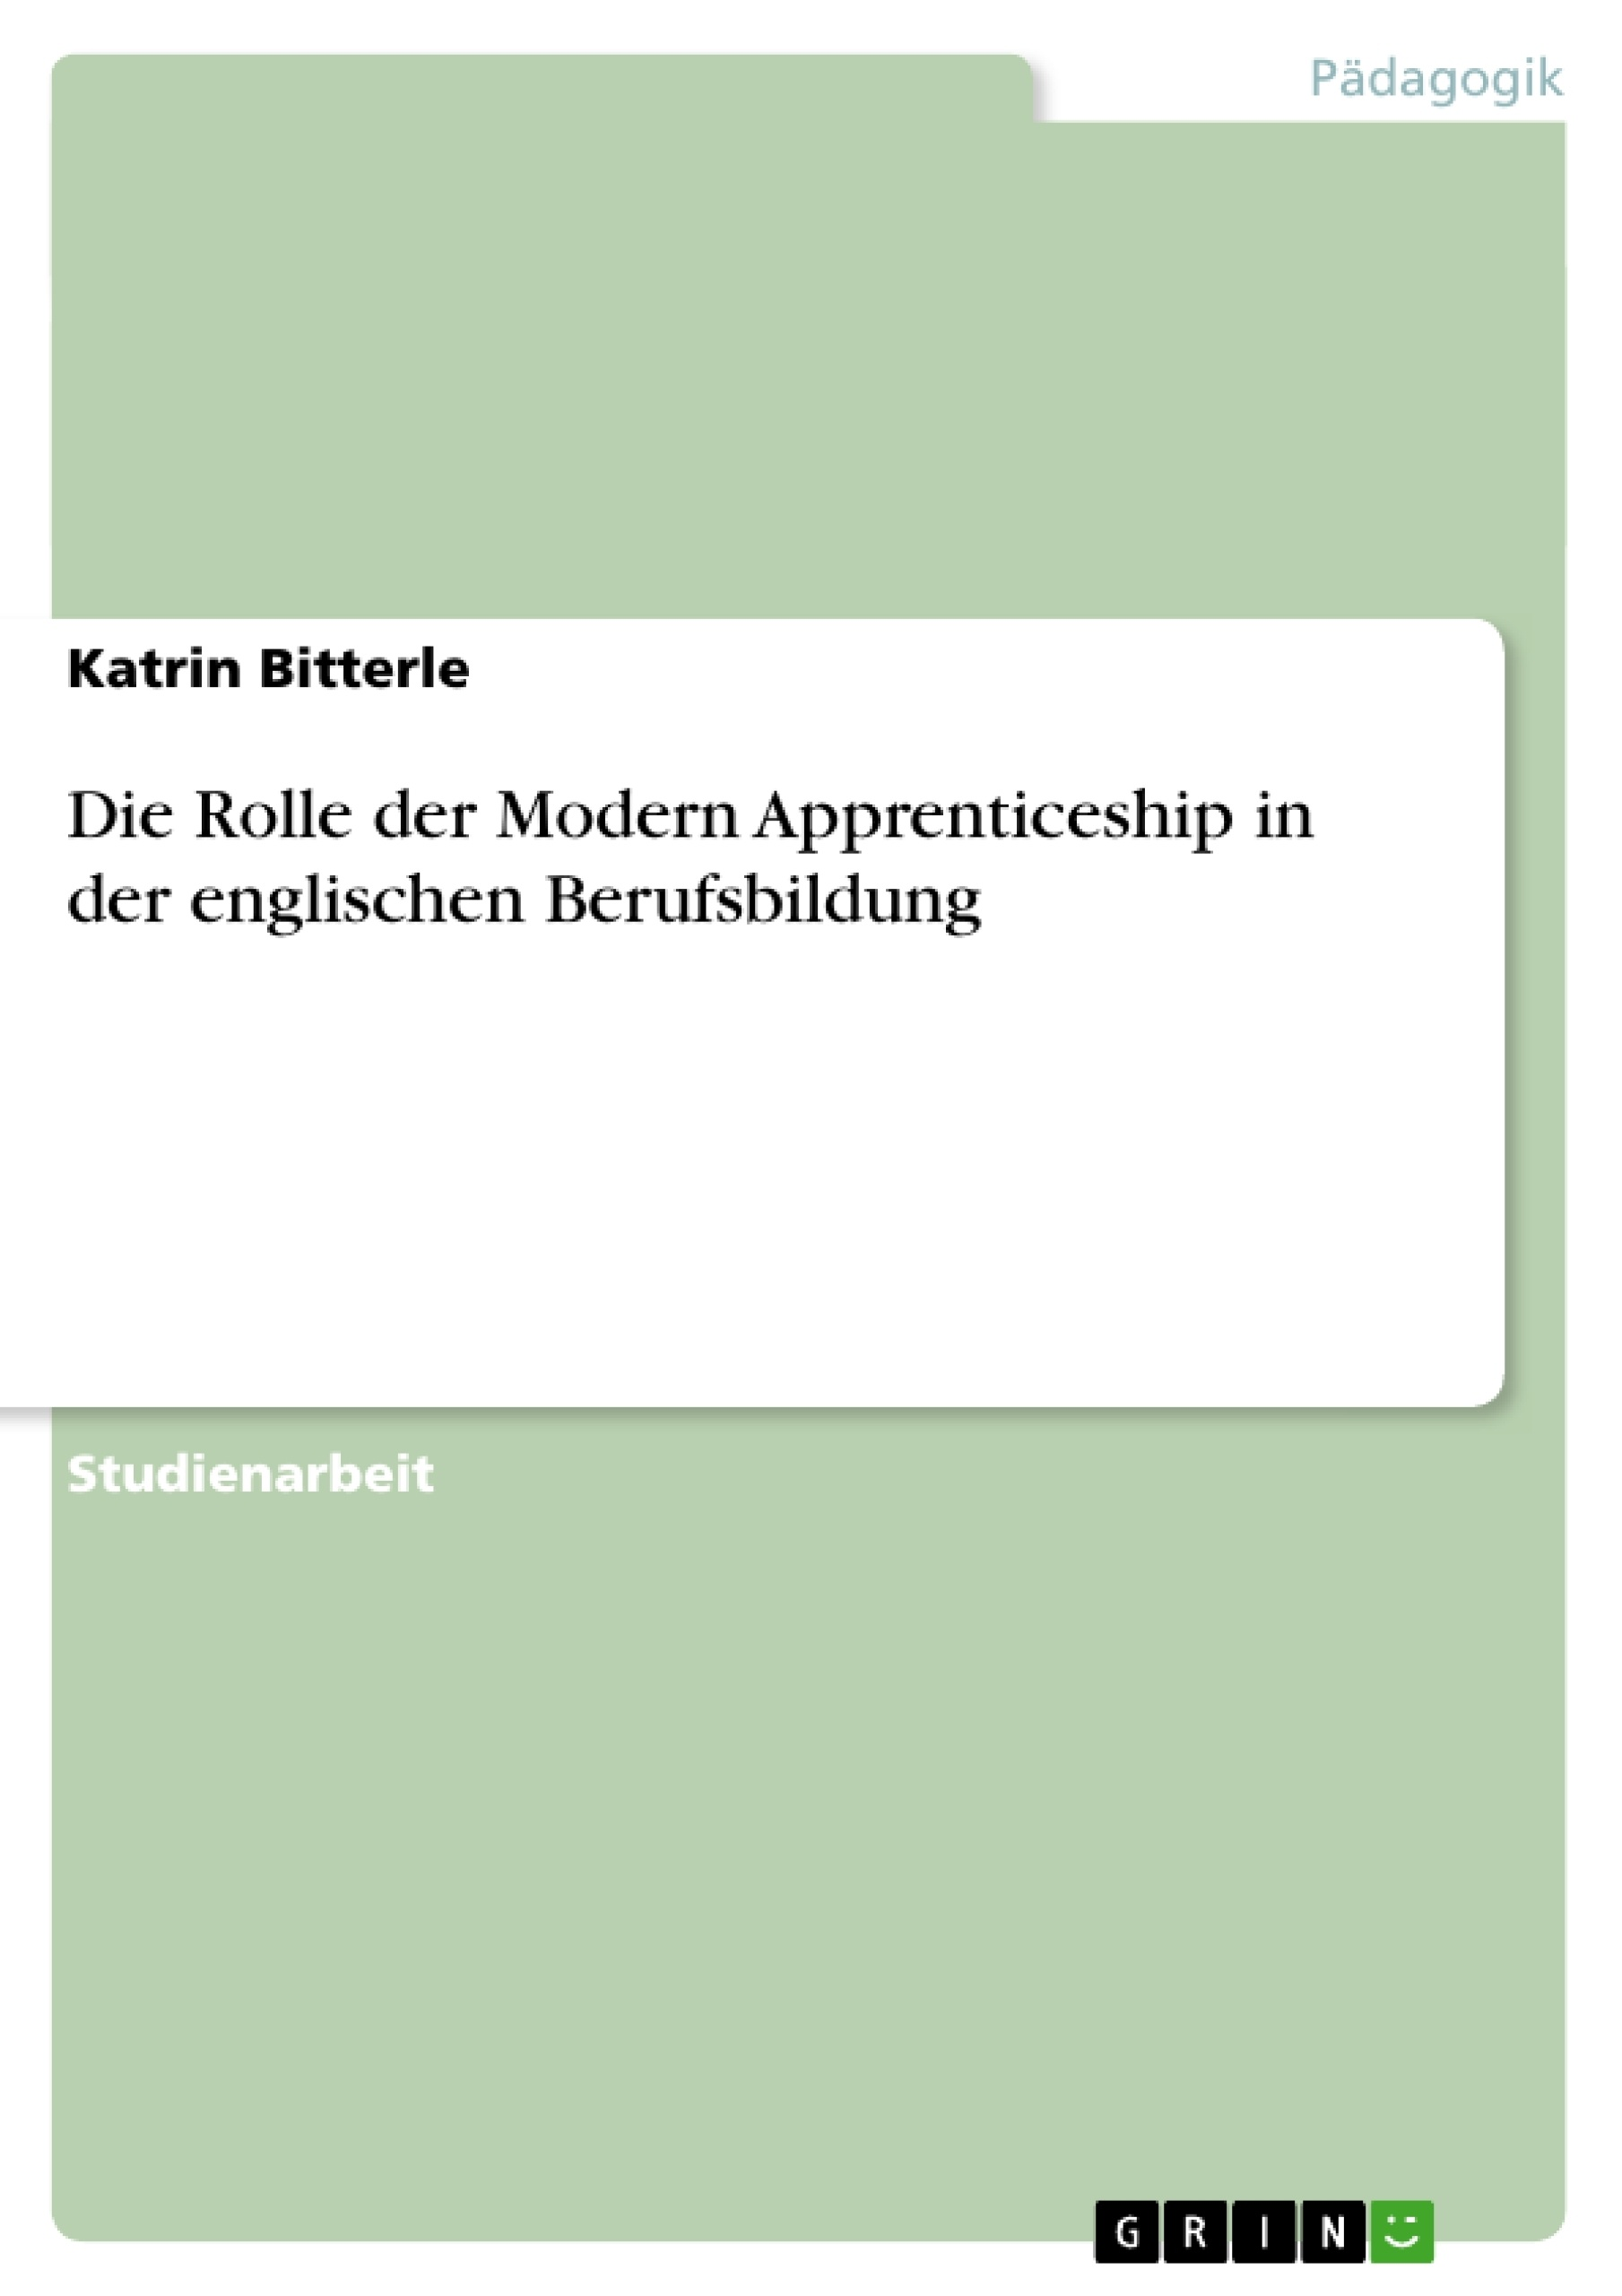 Titel: Die Rolle der Modern Apprenticeship in der englischen Berufsbildung